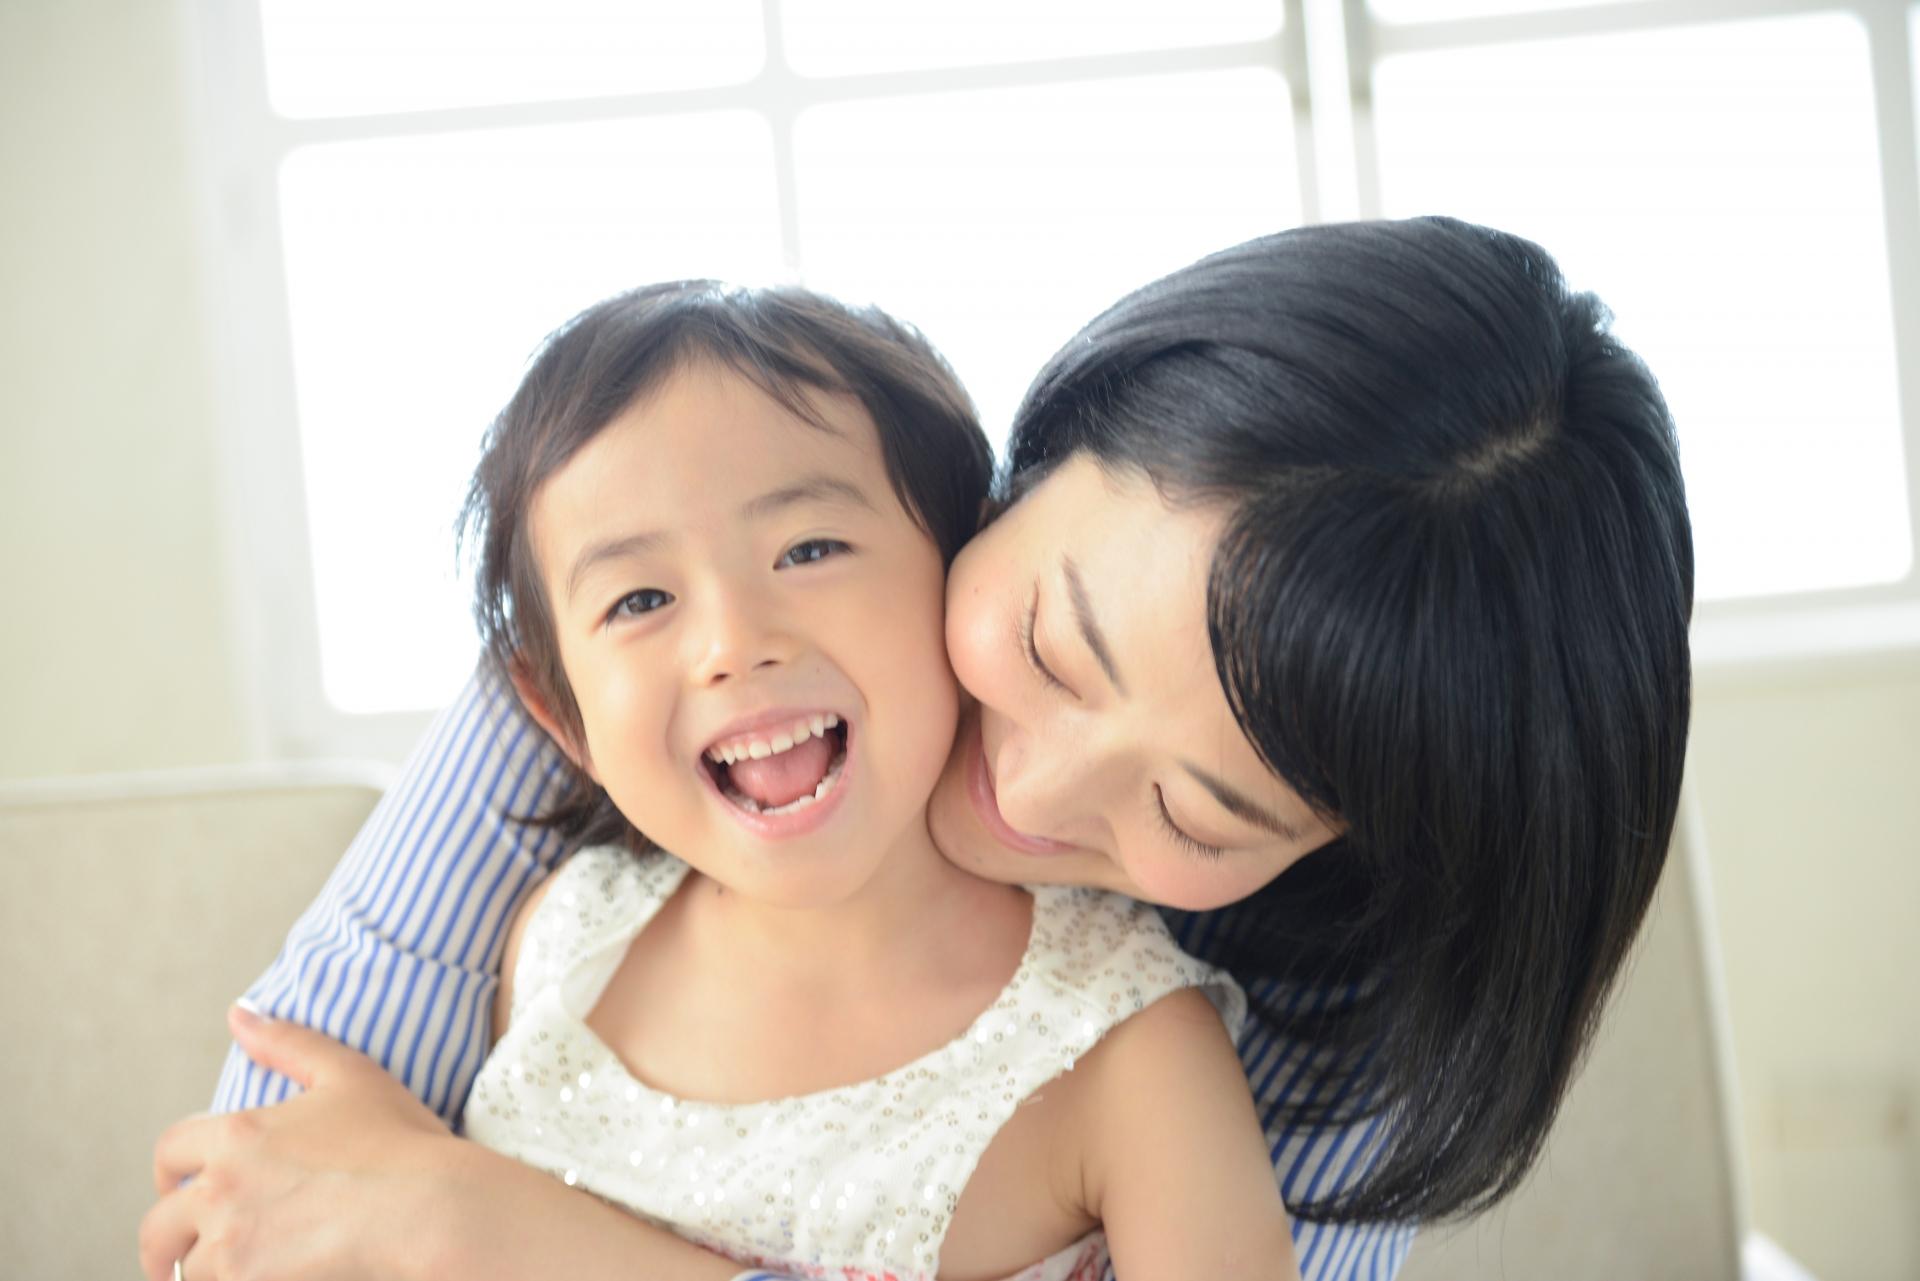 子育てストレスを解消するための設備、素材のご紹介